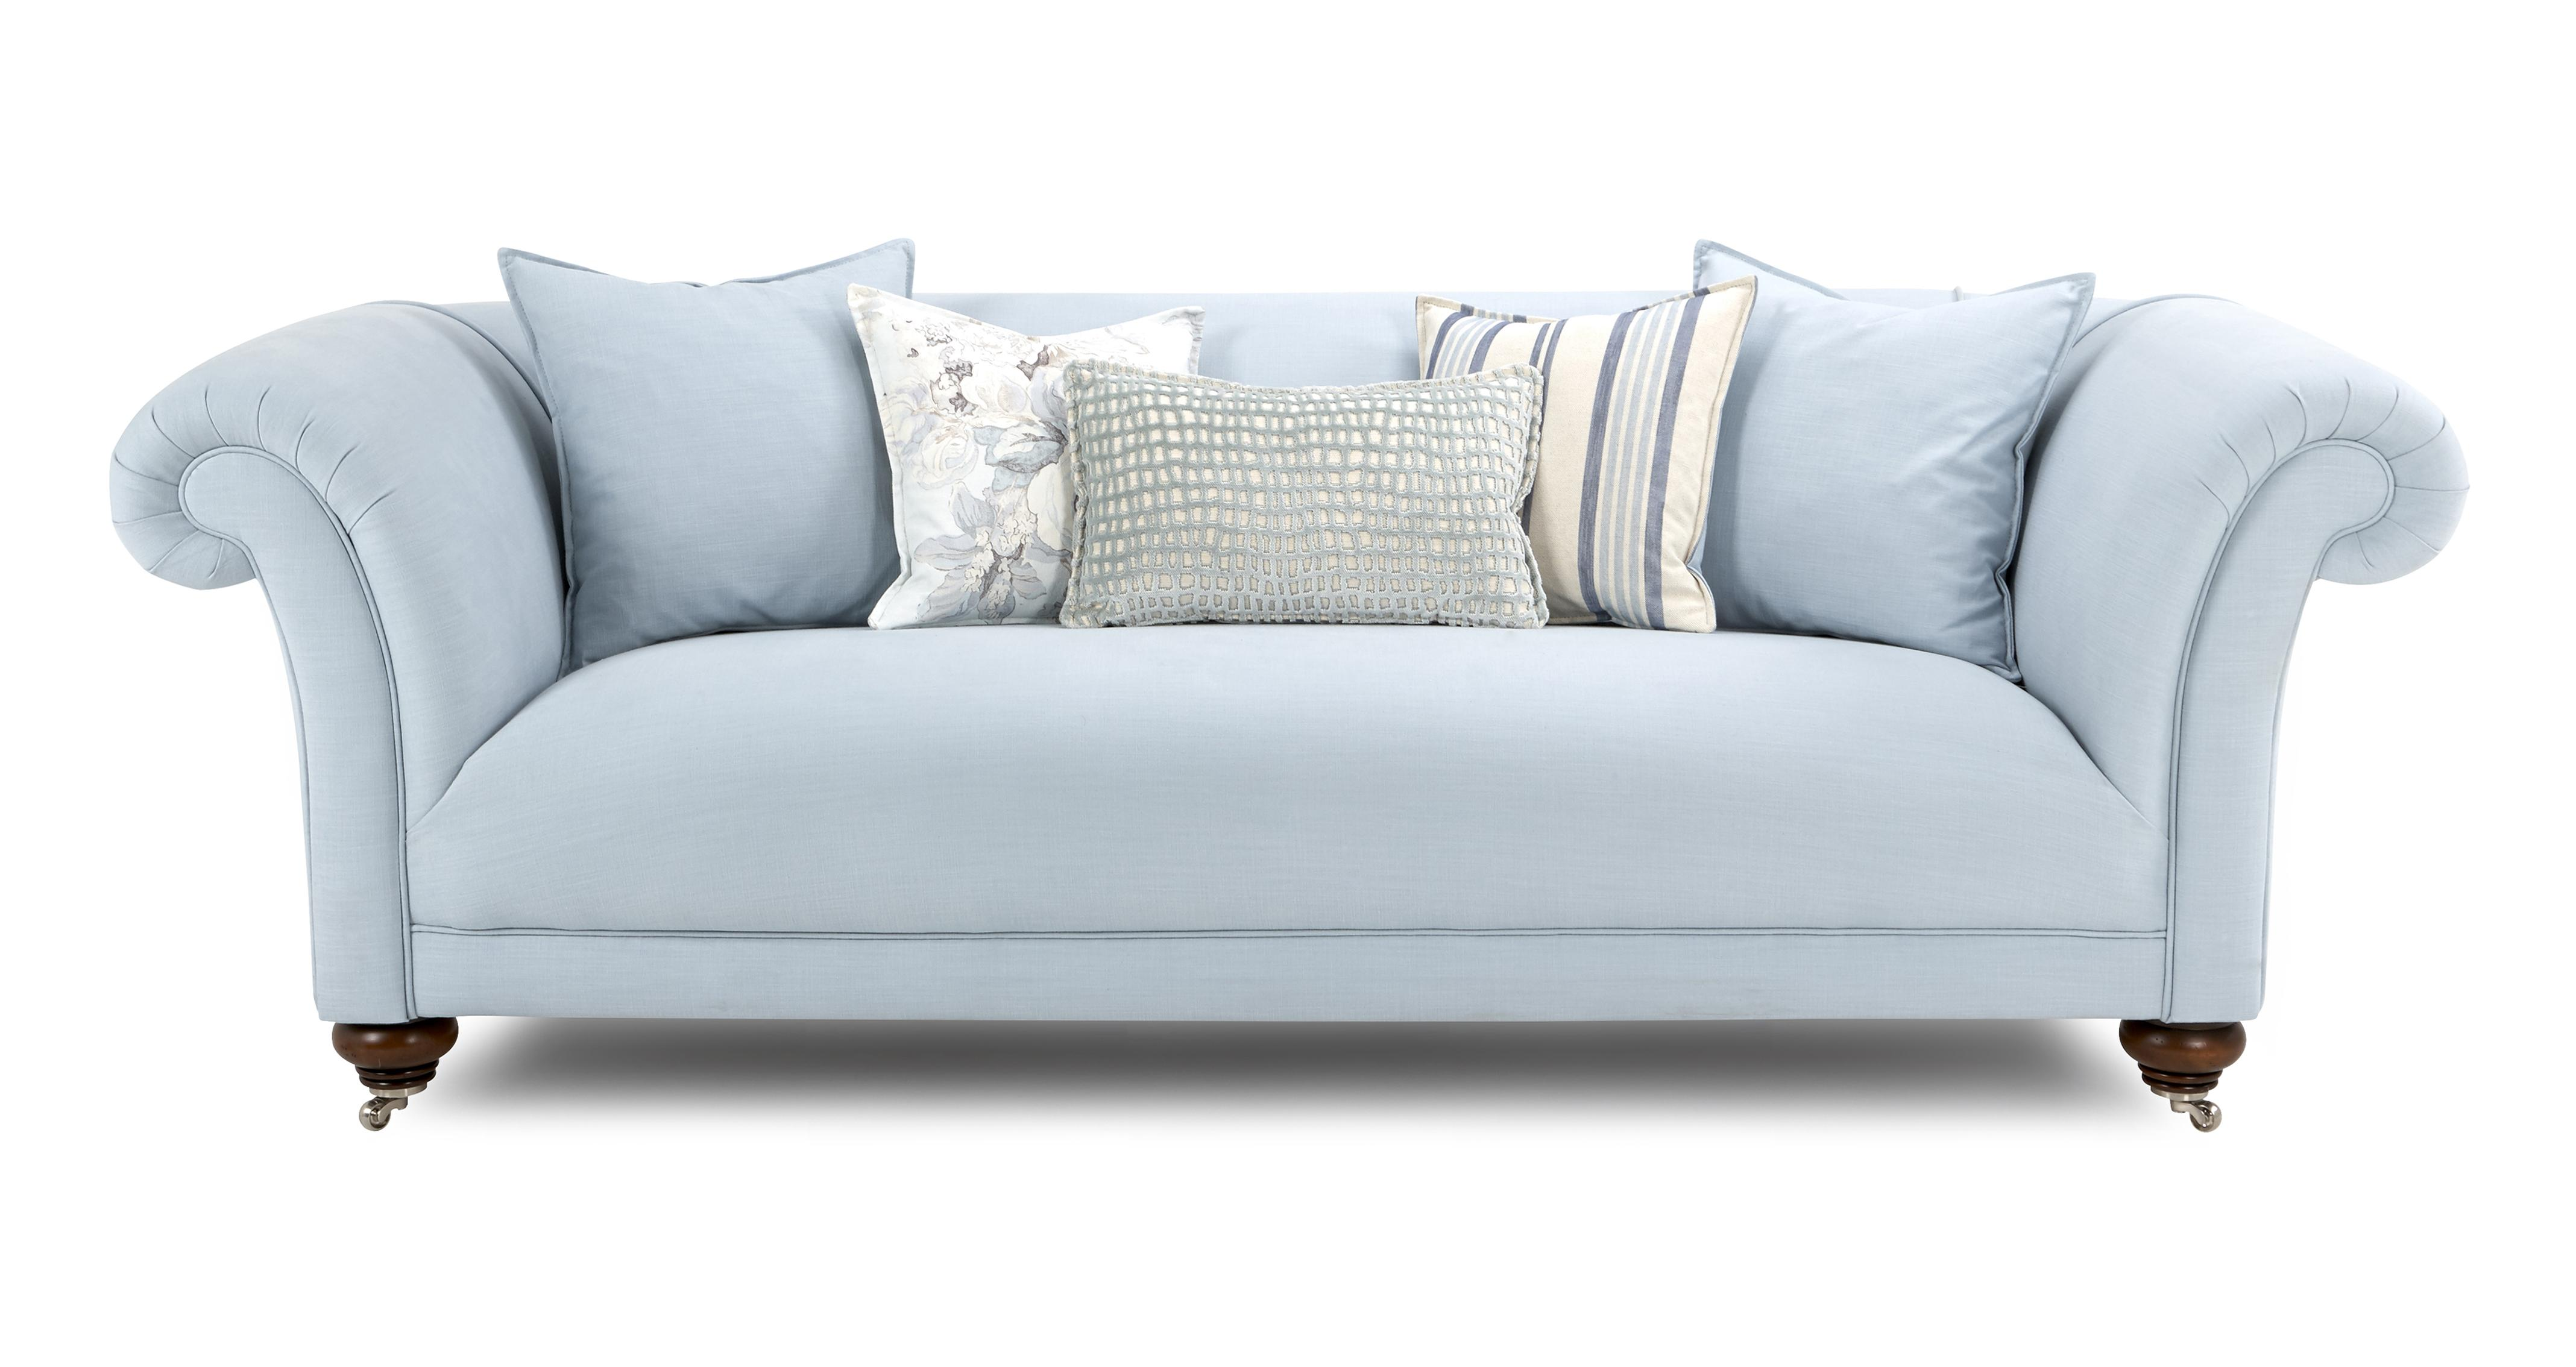 Lavenham Large Sofa DFS